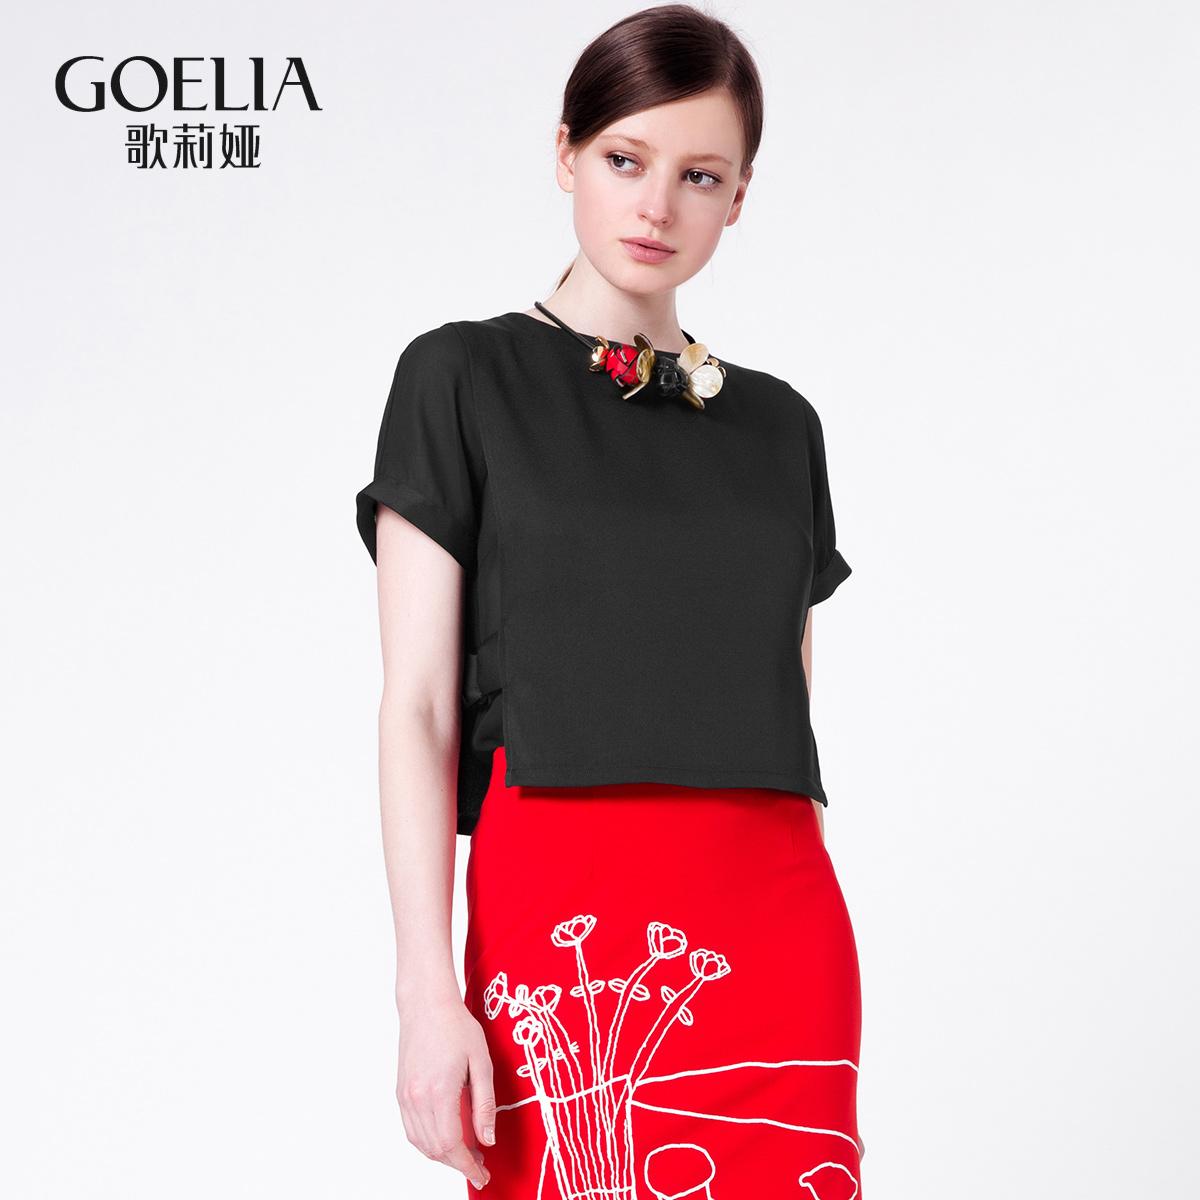 歌莉娅女装 GLORIA歌莉娅百搭雪纺上衣假两件衬衫165K3B500_推荐淘宝好看的歌莉娅